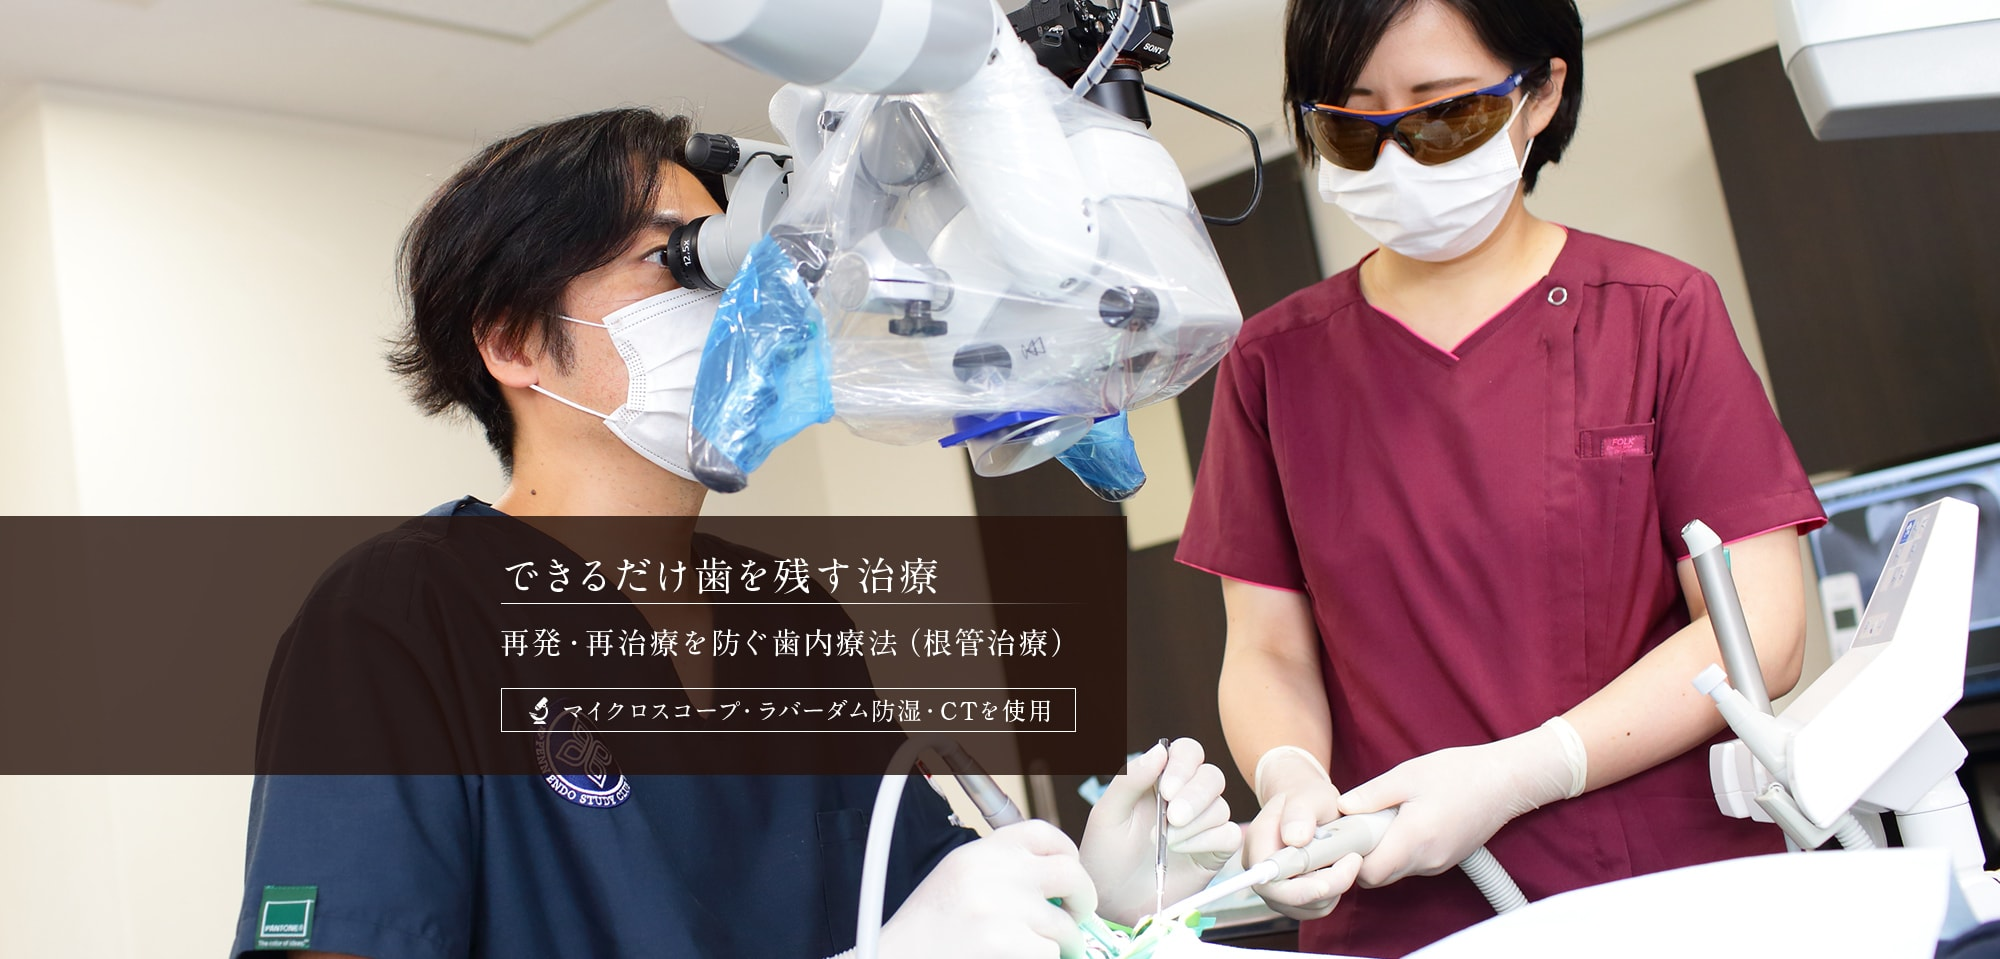 できるだけ歯を残す治療 再発・再治療を防ぐ歯内療法(根管治療)